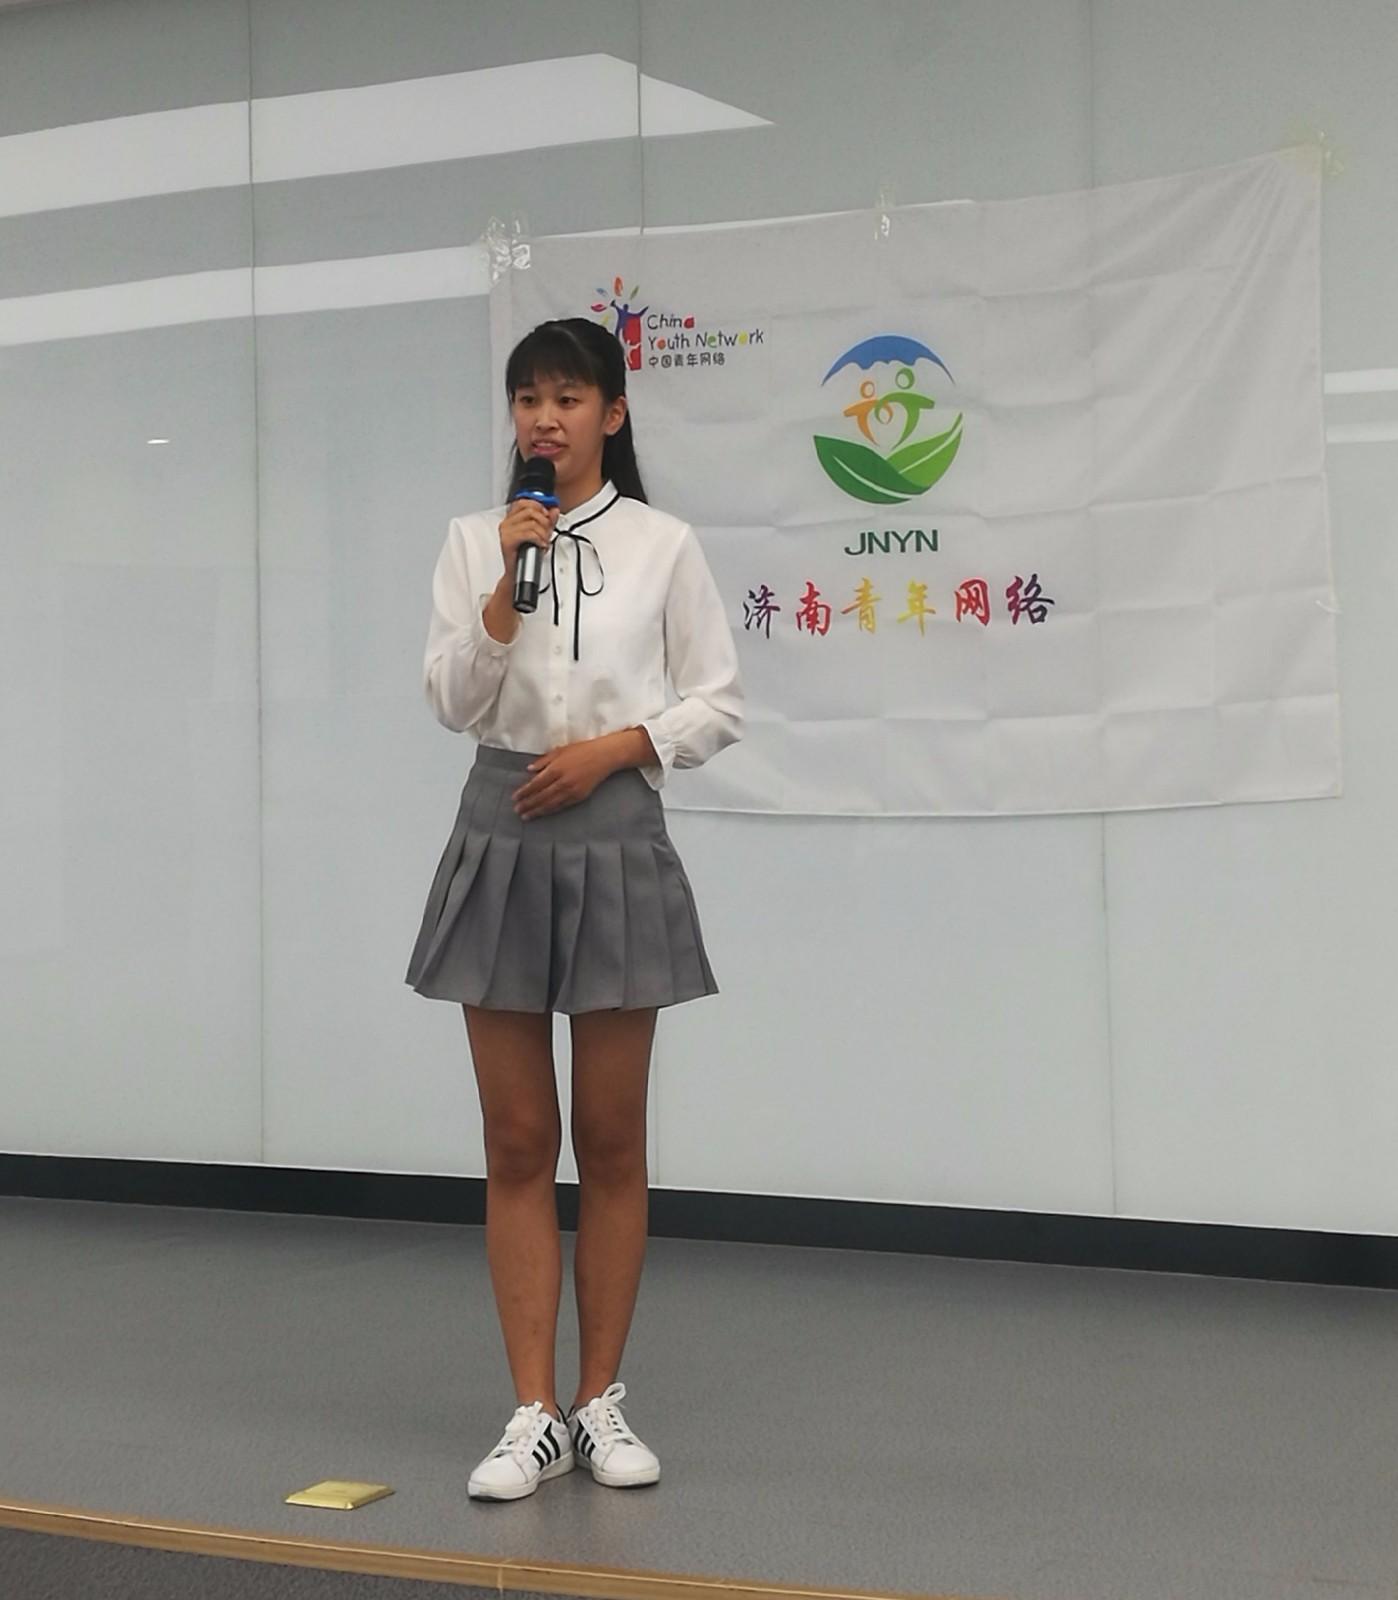 济南市举办驻济大学生青春健康演讲比赛-1-.jpg